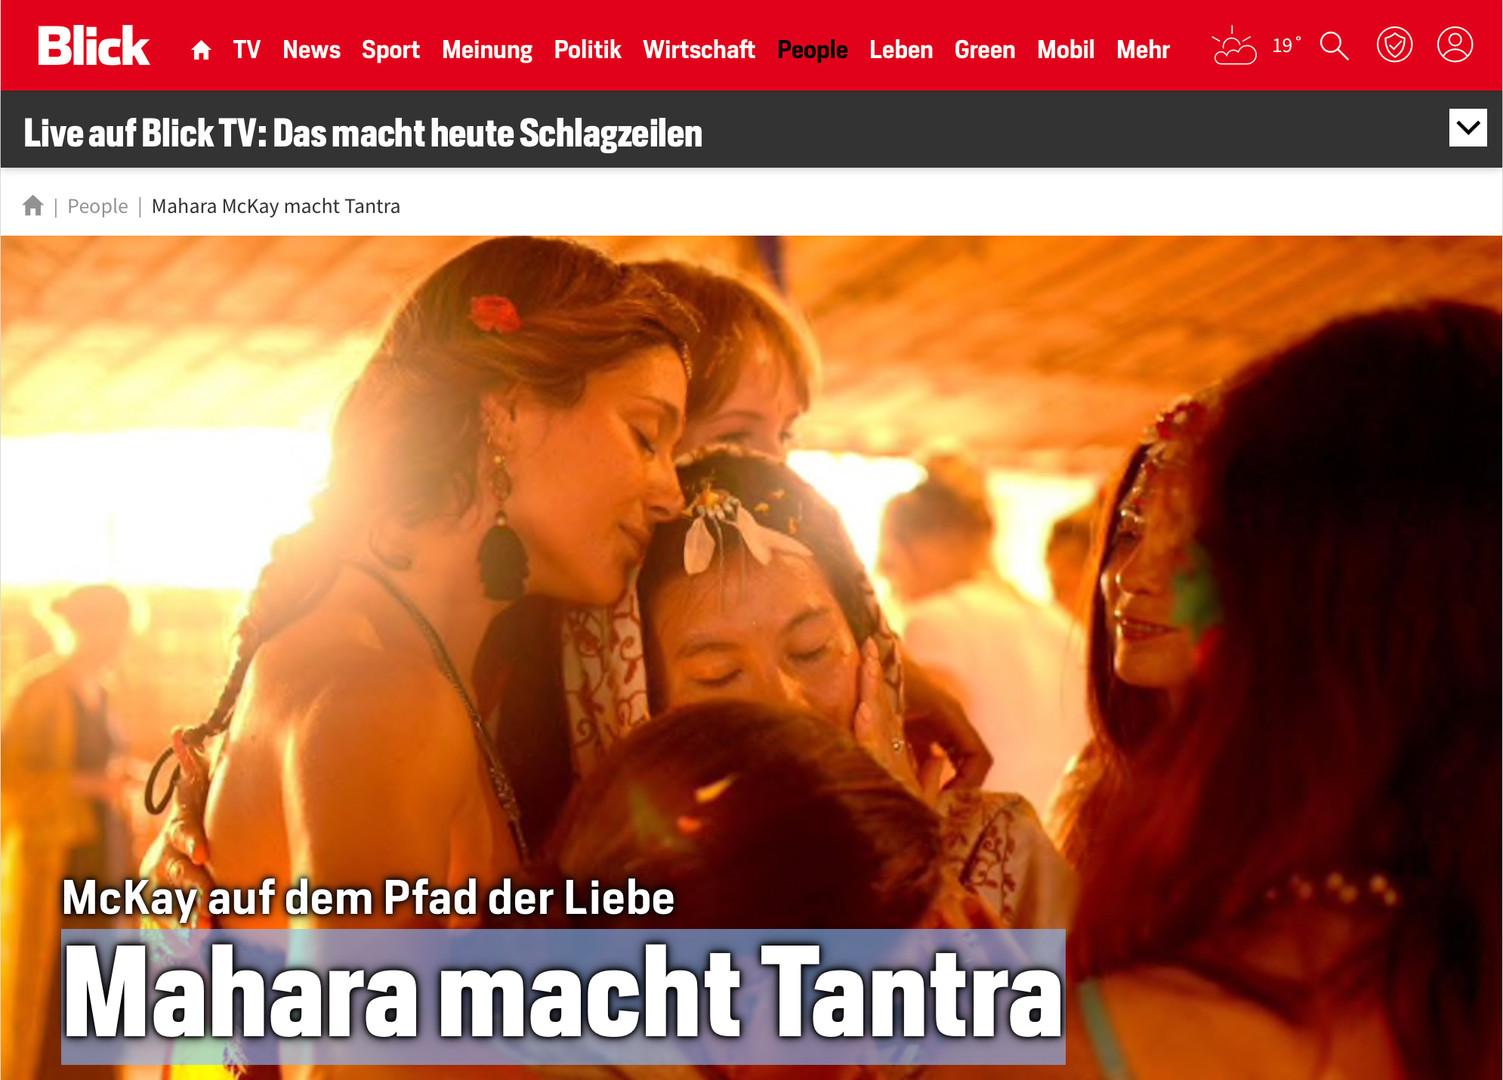 Mahara macht Tantra Blick.jpg